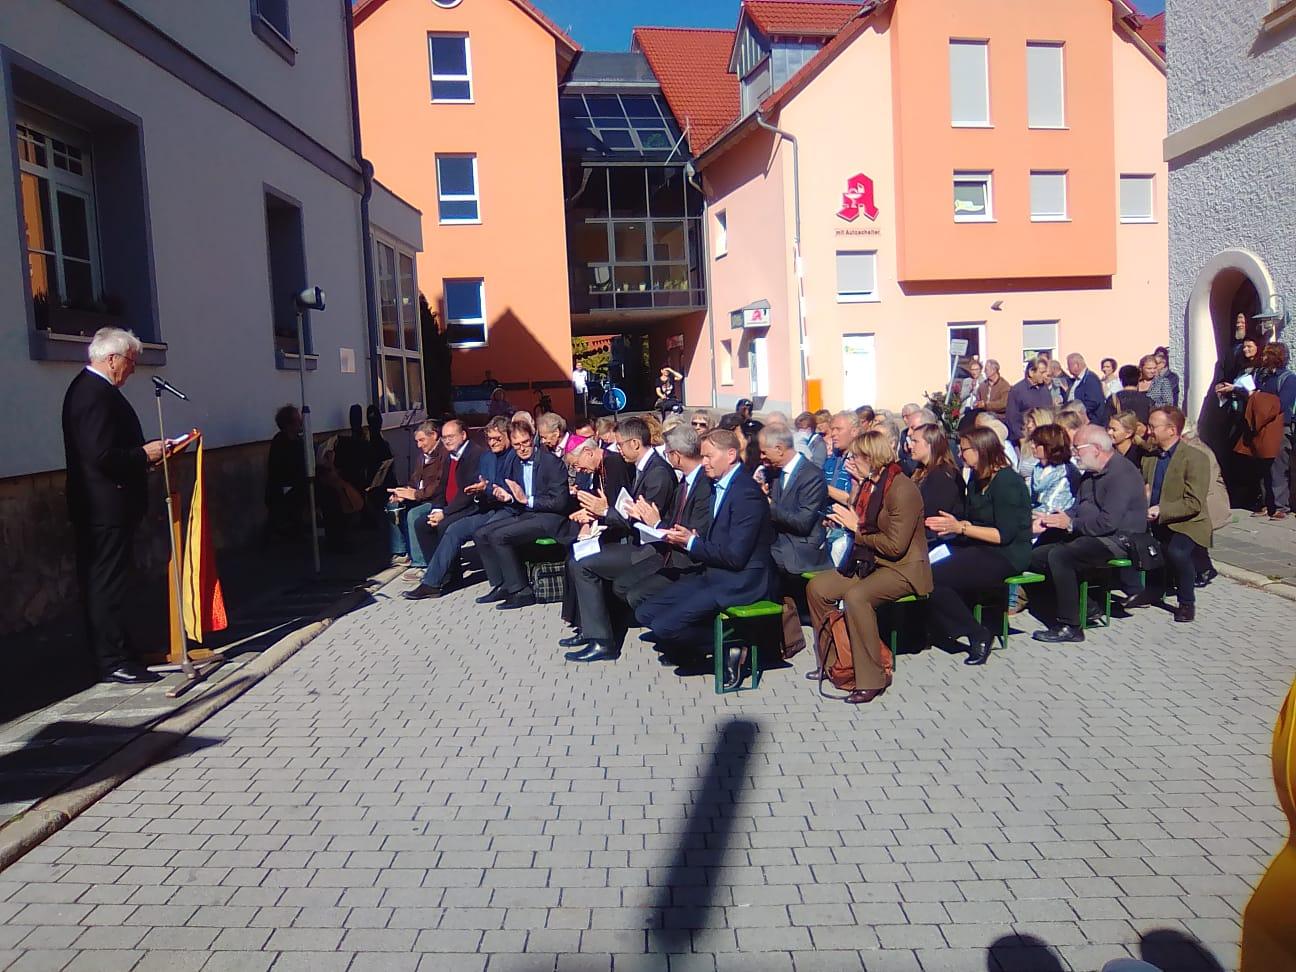 Un pubblico numeroso e attento segue la cerimonia in piazza